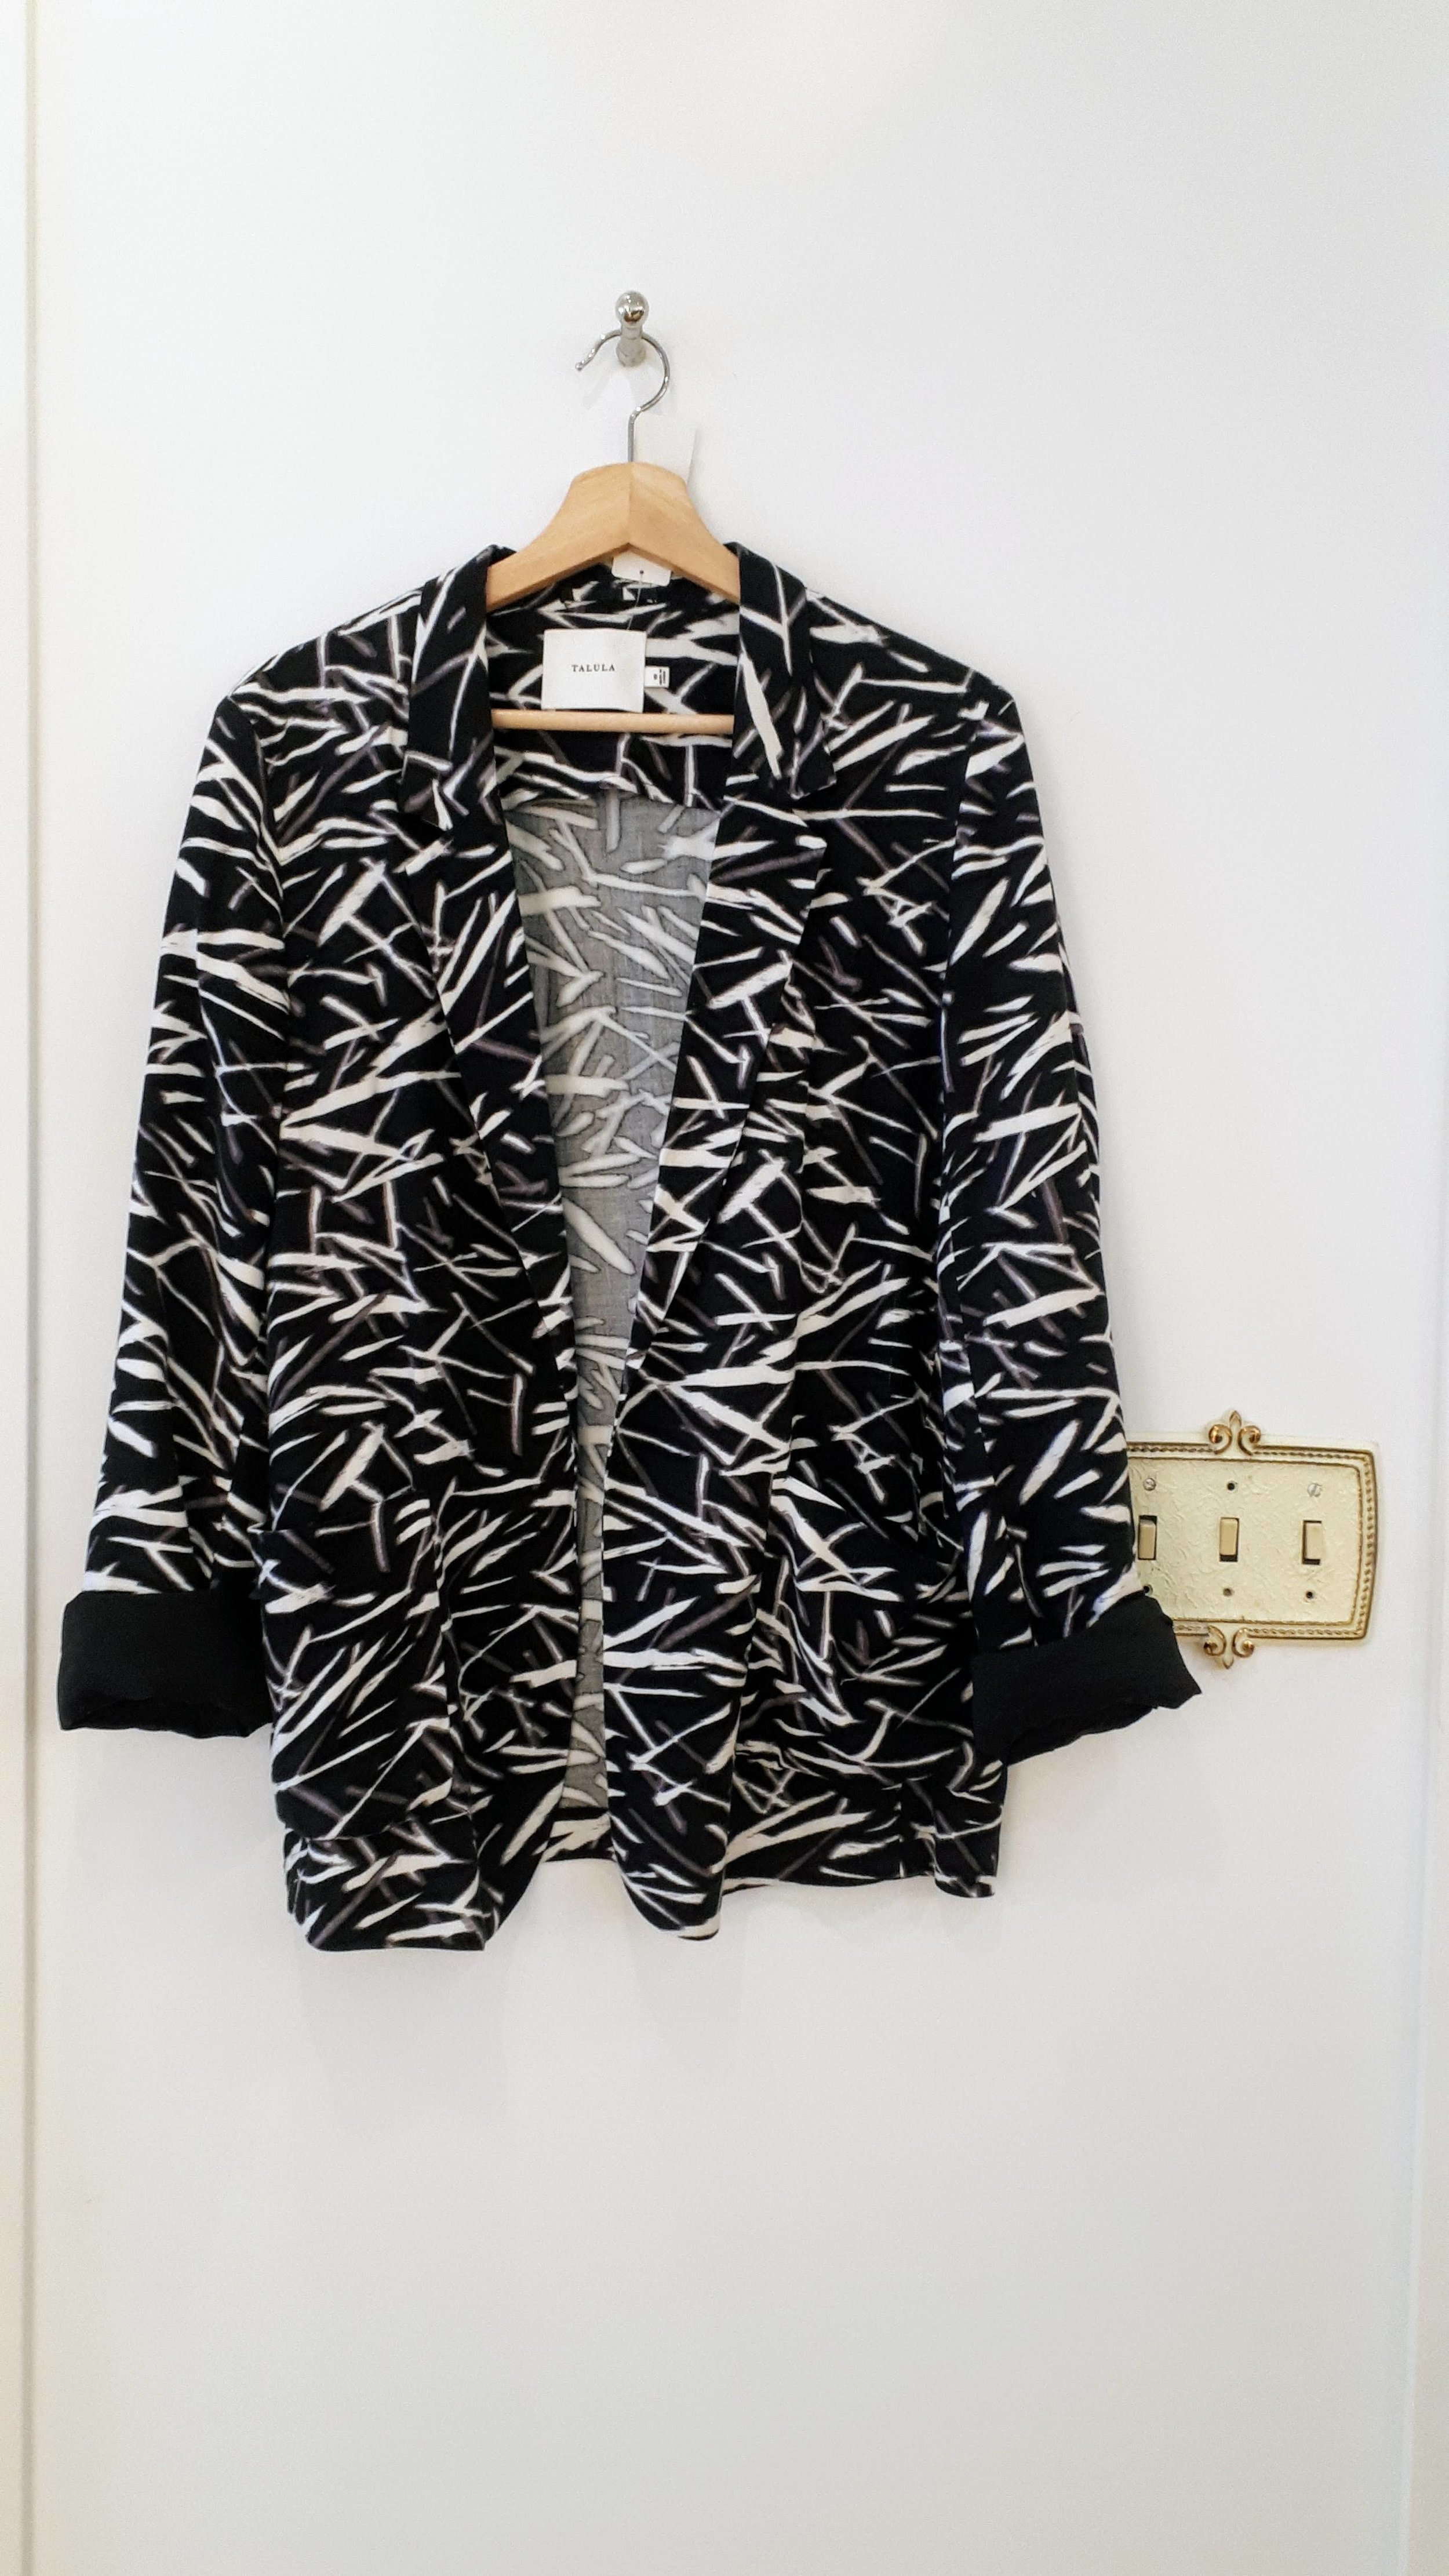 Talula blazer; Size 10, $38